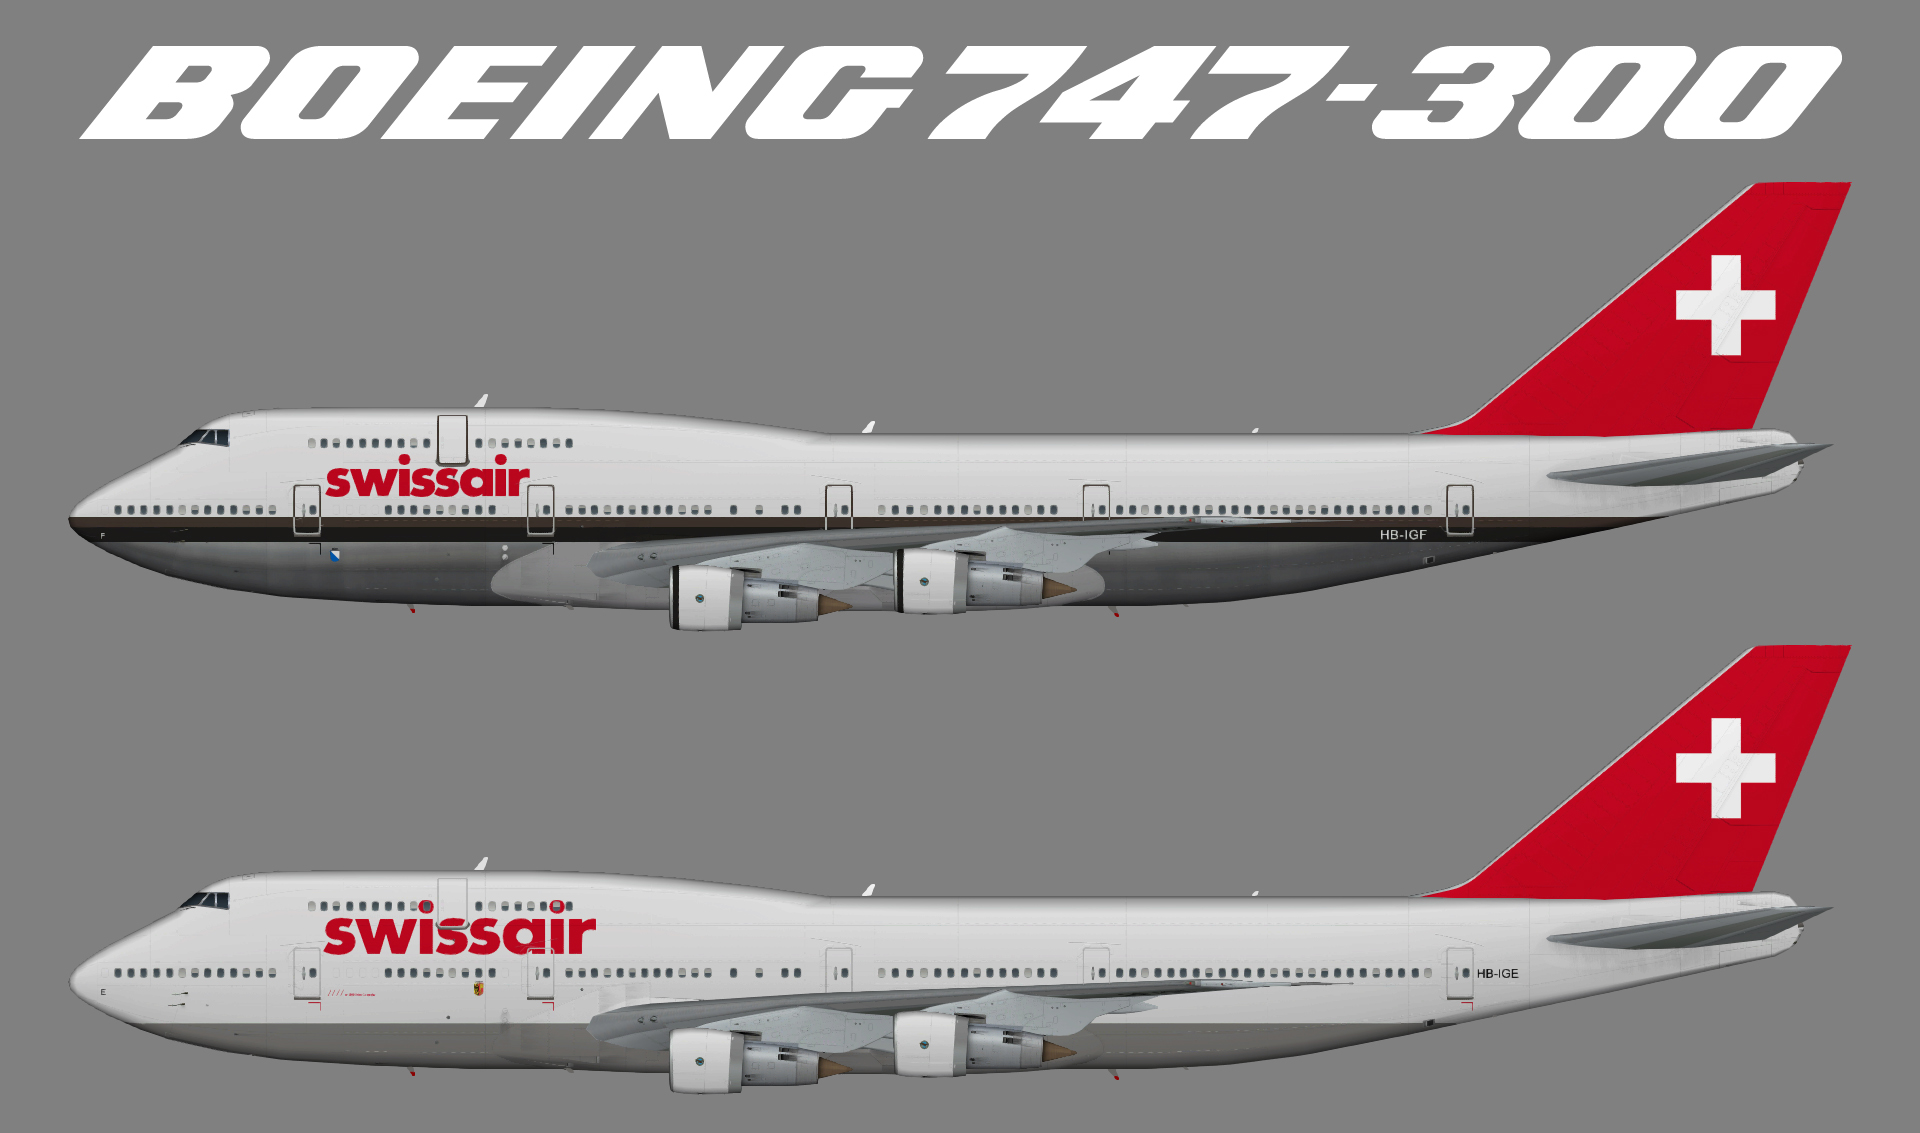 Swissair Boeing 747-300